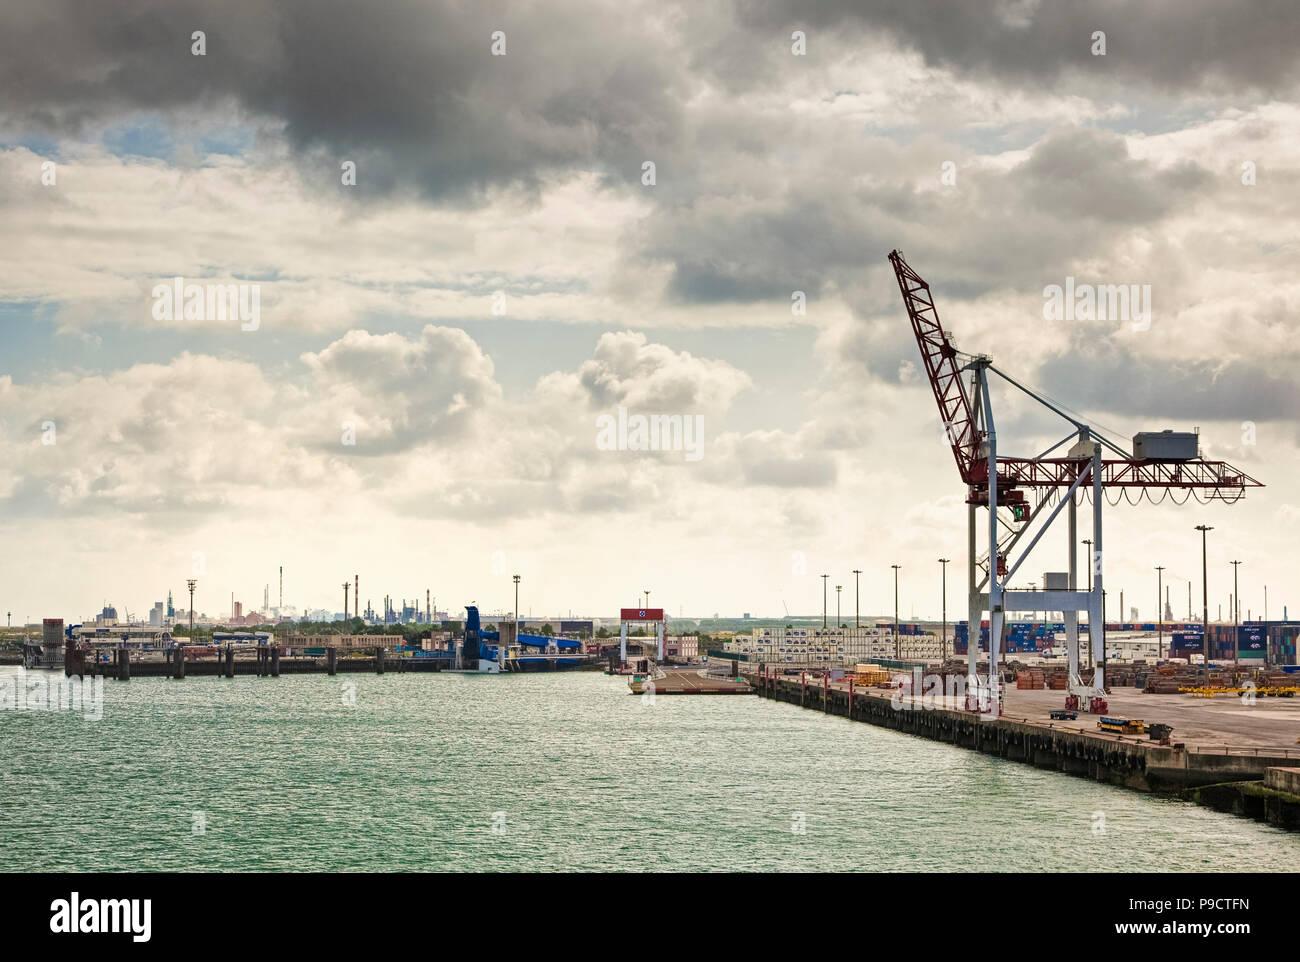 Le port ferry terminal et quais industriels de Dunkerque, France, Europe Photo Stock